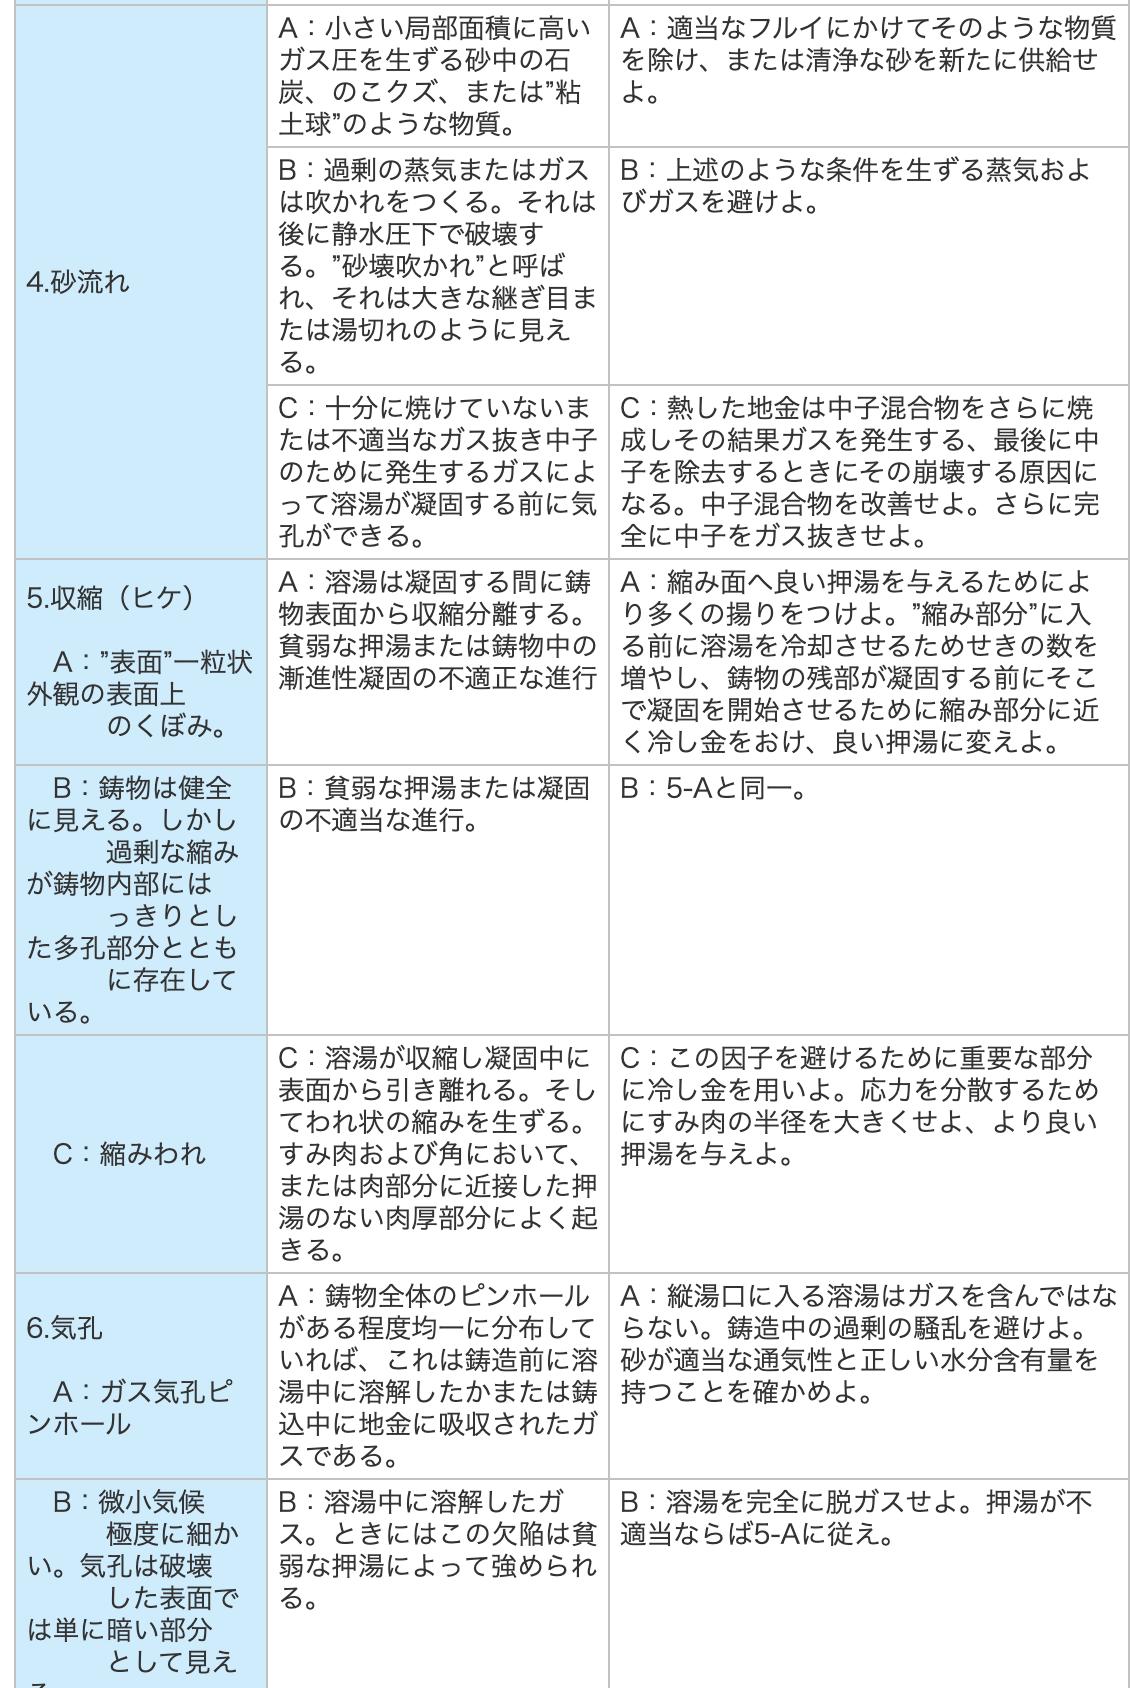 アルミ鋳造・砂型鋳造注意点の一覧